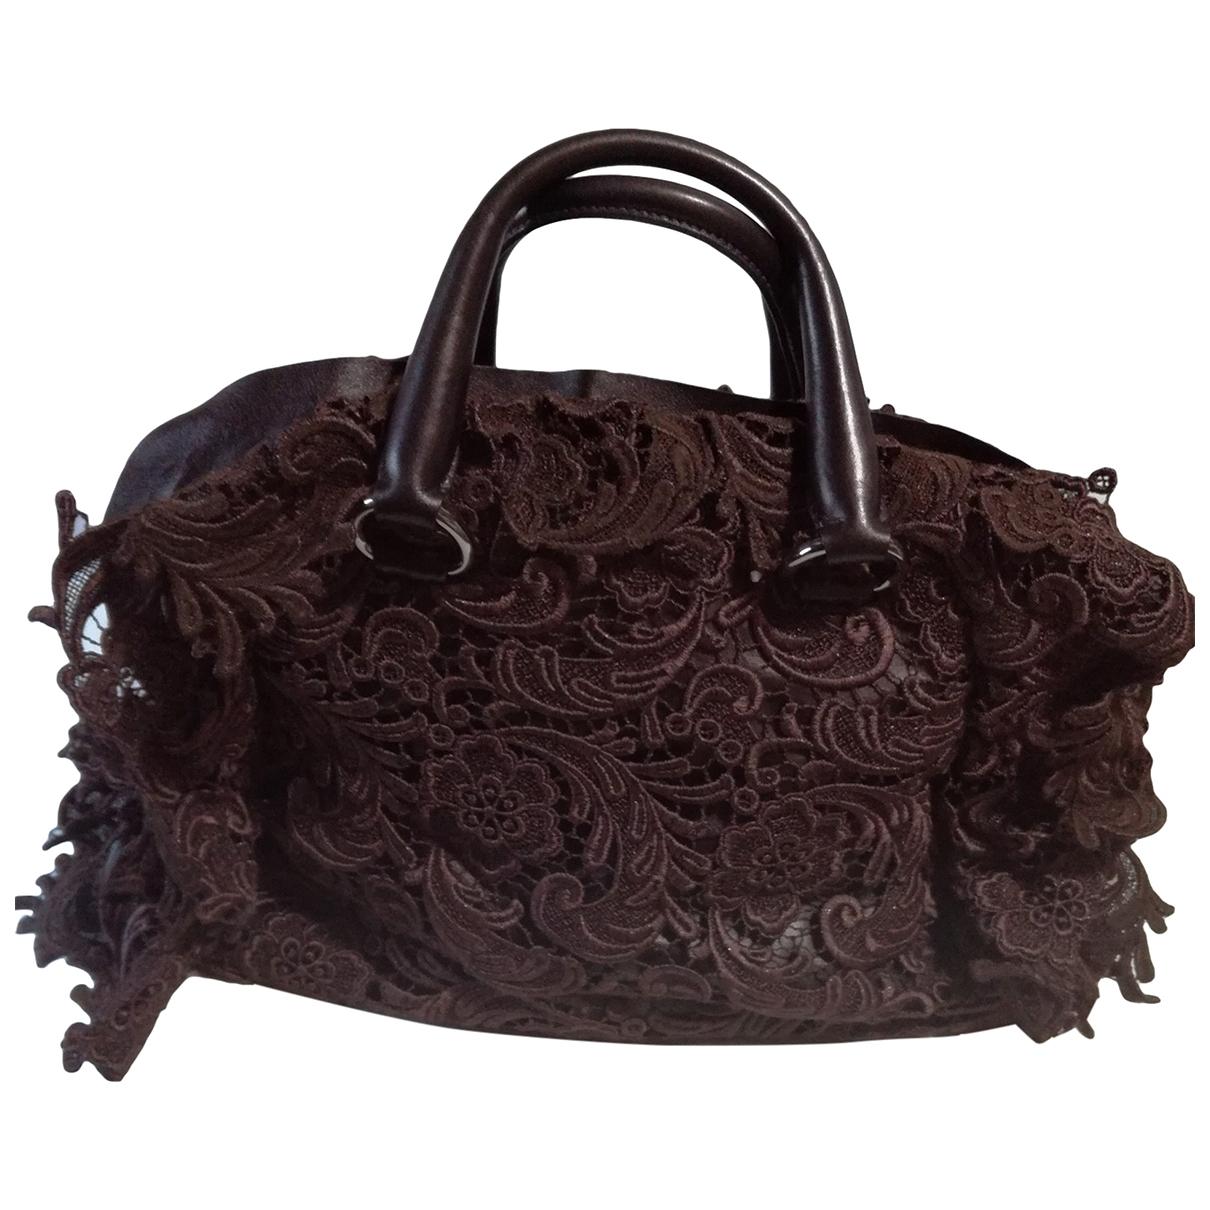 Prada \N Handtasche in  Braun Leder